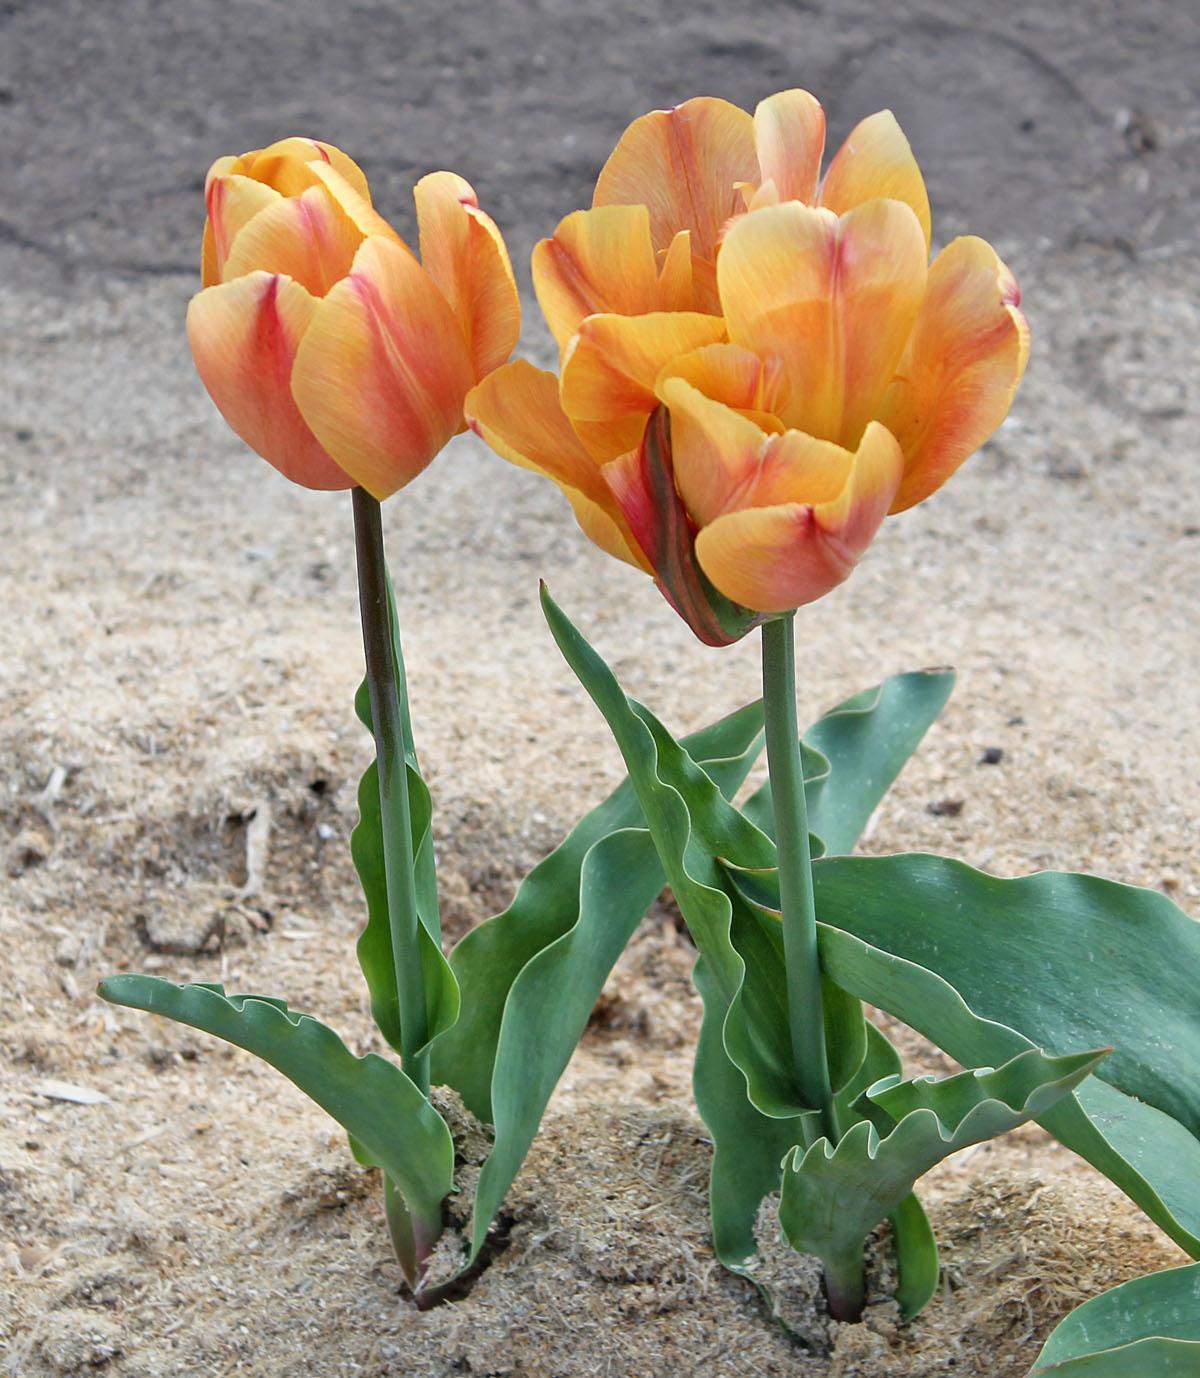 Тюльпаны 'Freeman'. Общий вид цветущих растений